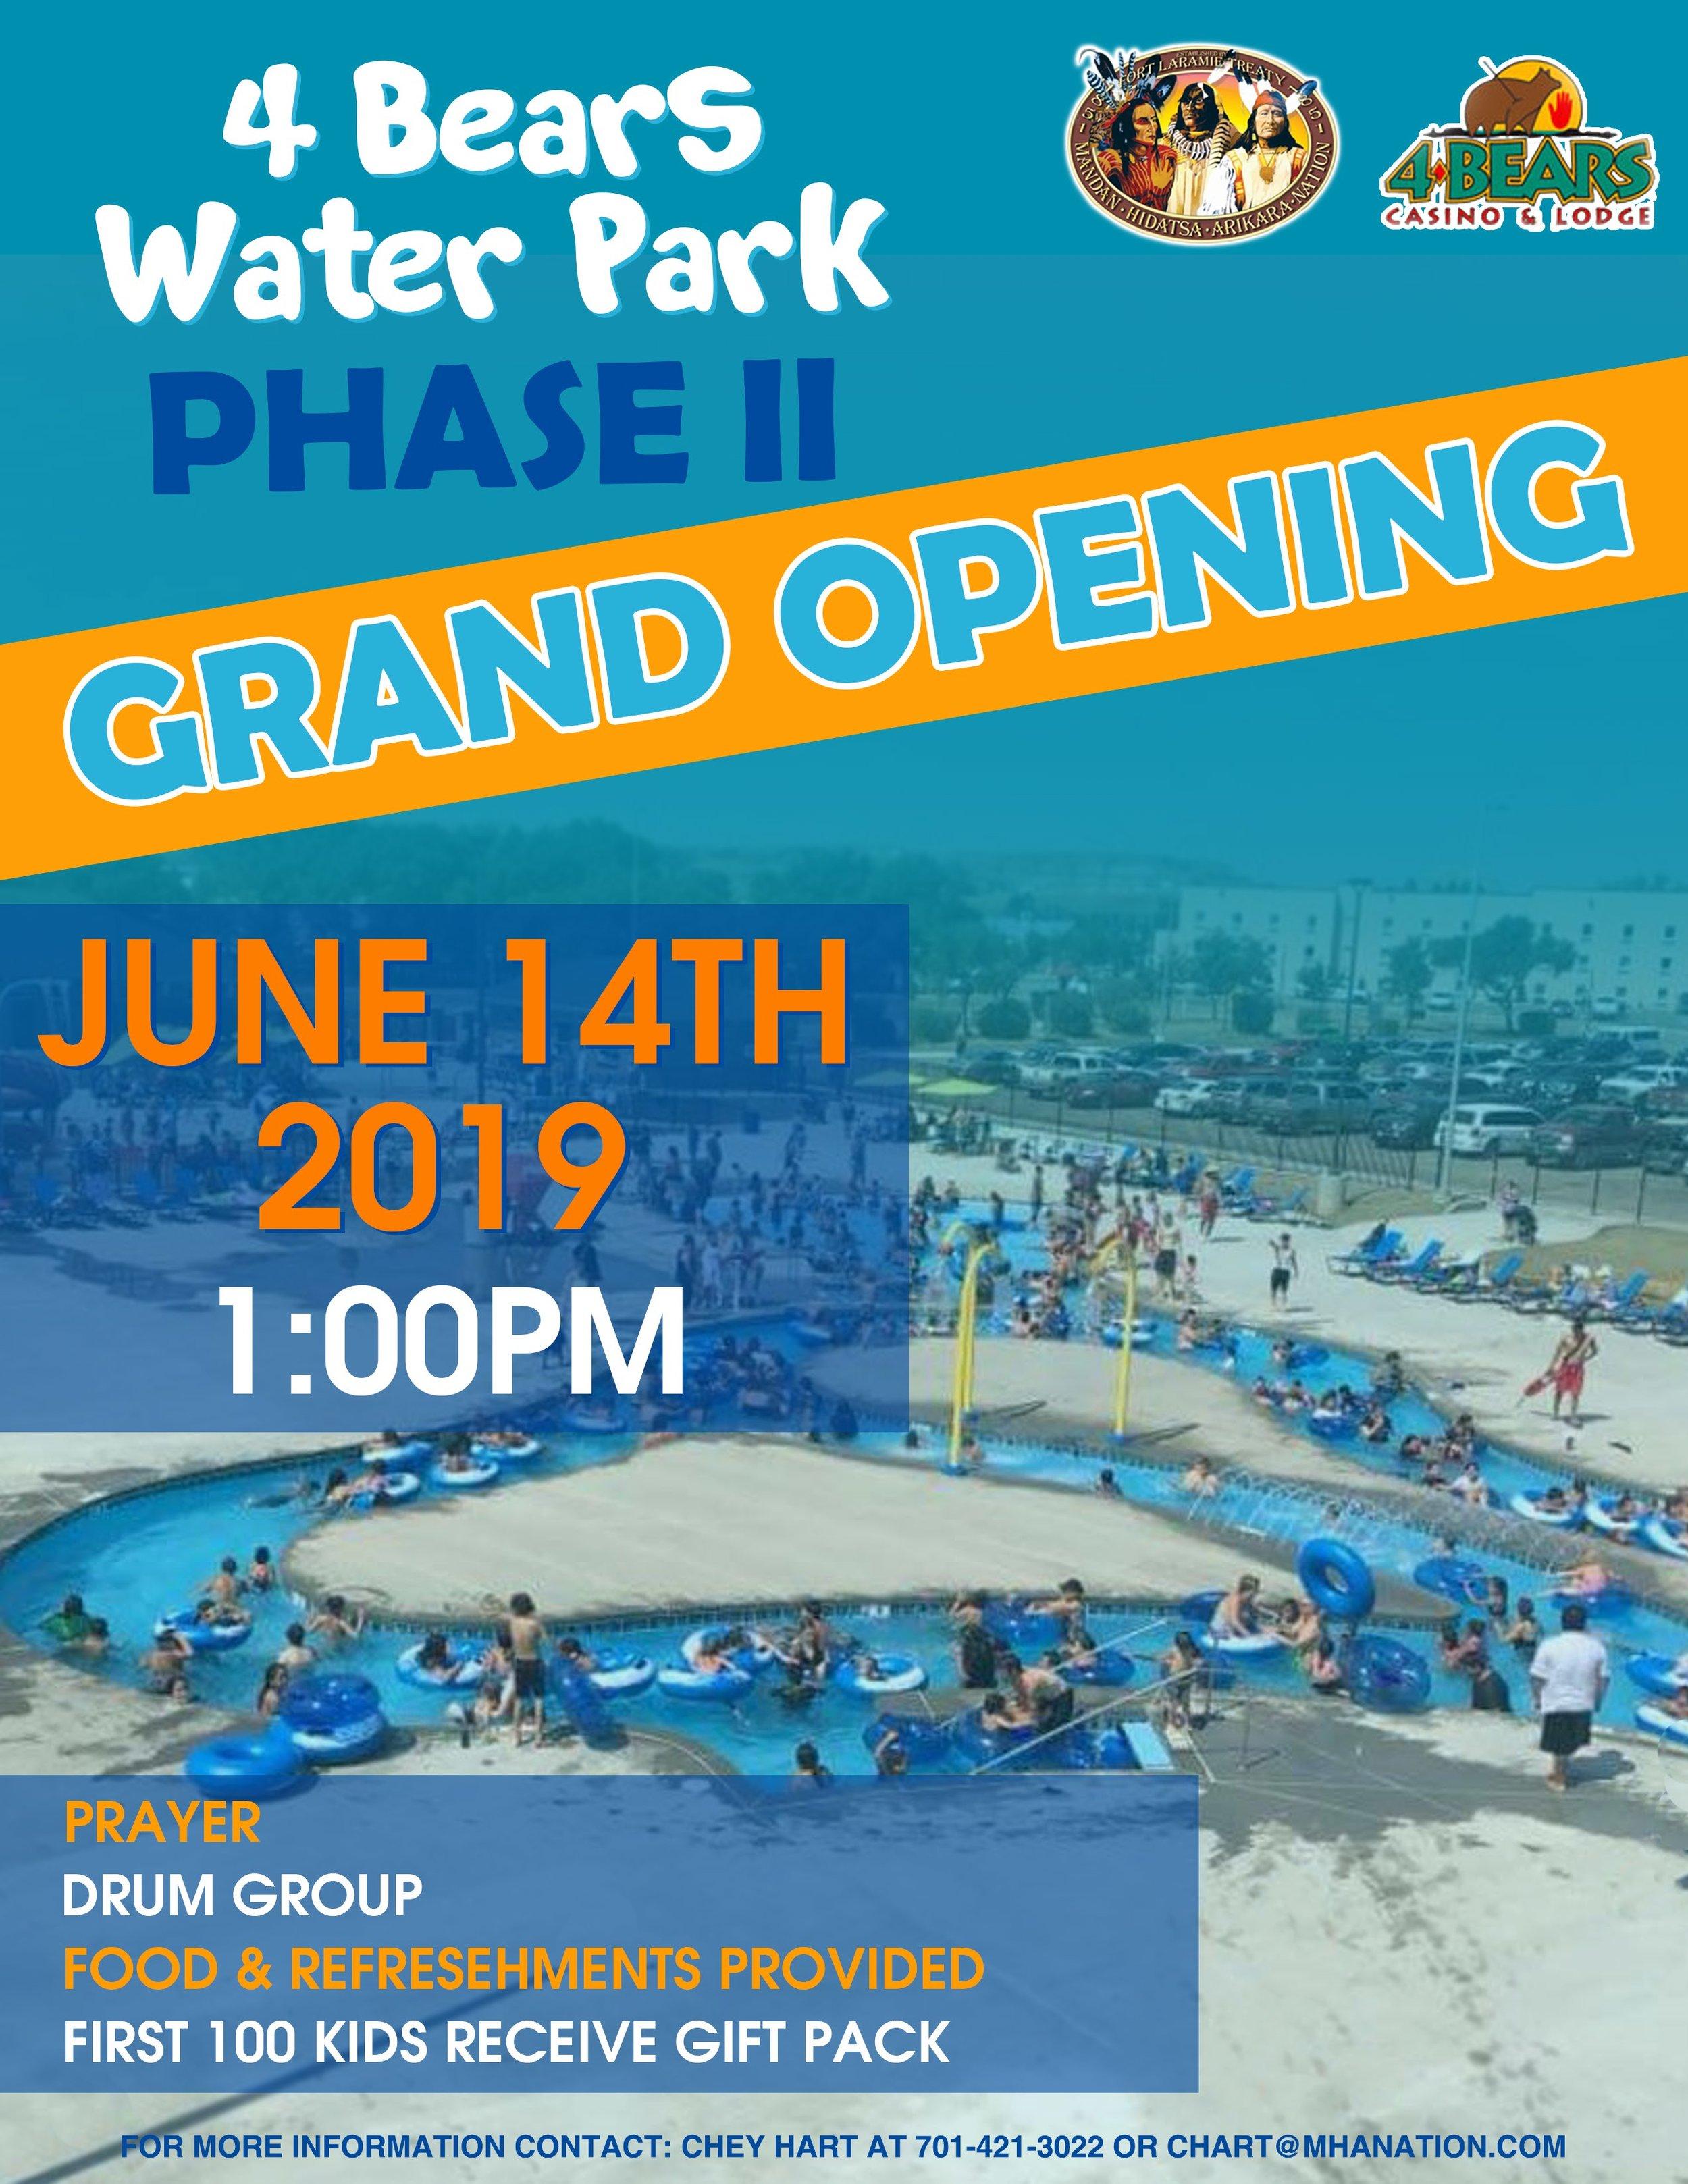 4bears-waterparkphase11-grandopening-june2019.jpg